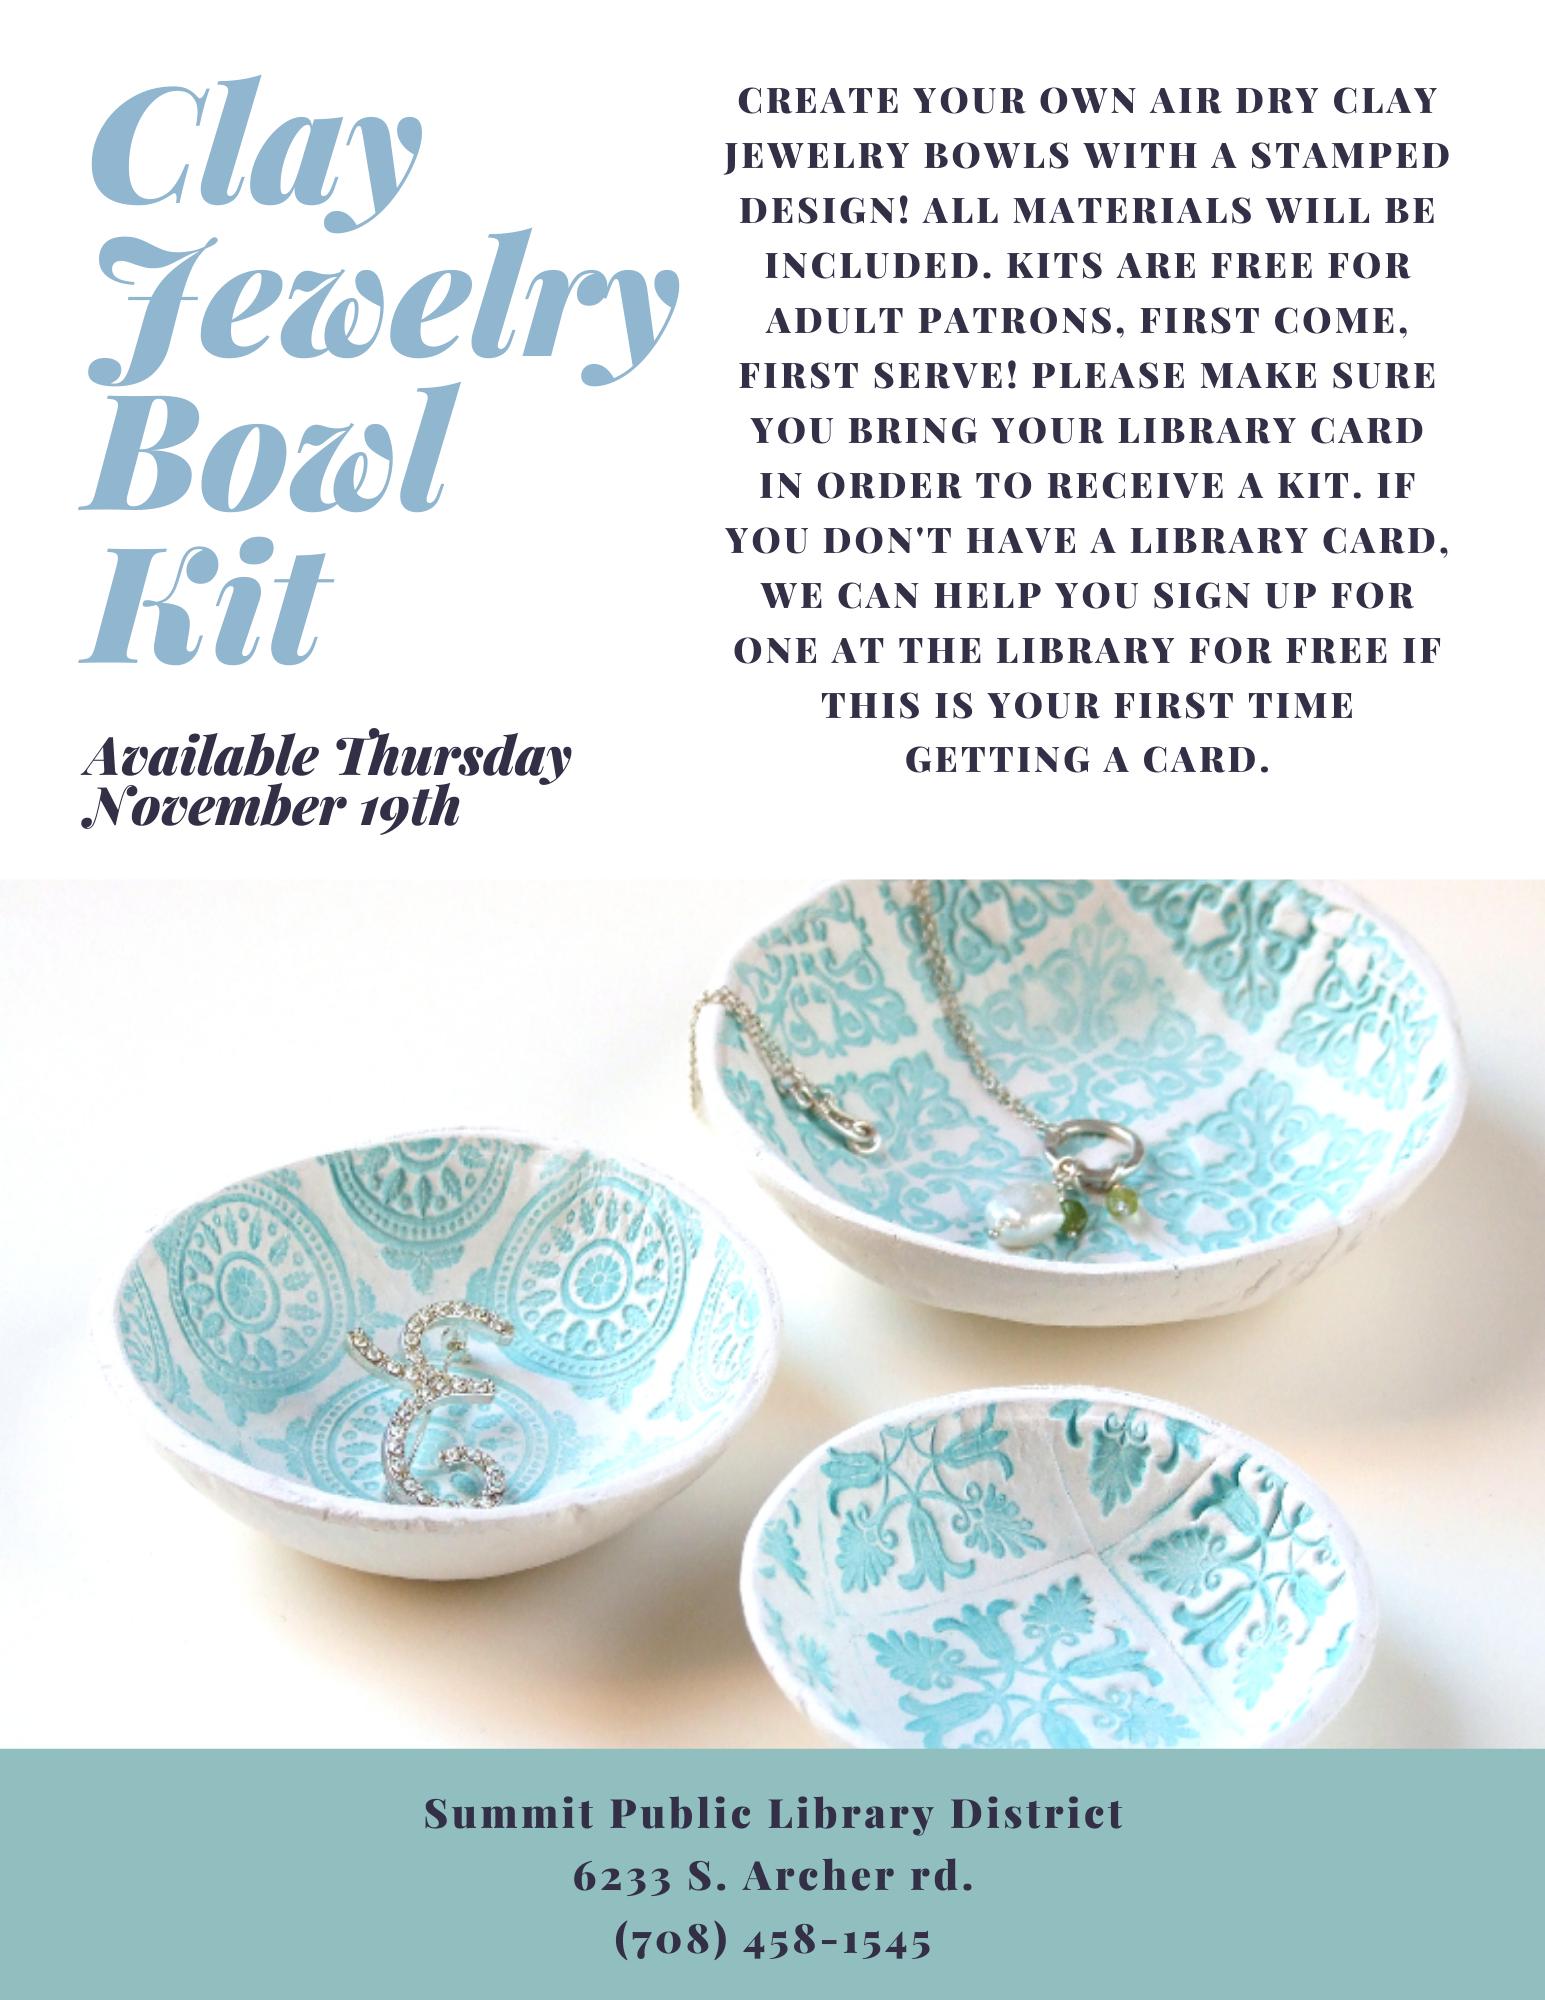 Clay Jewelry Bowl Kit